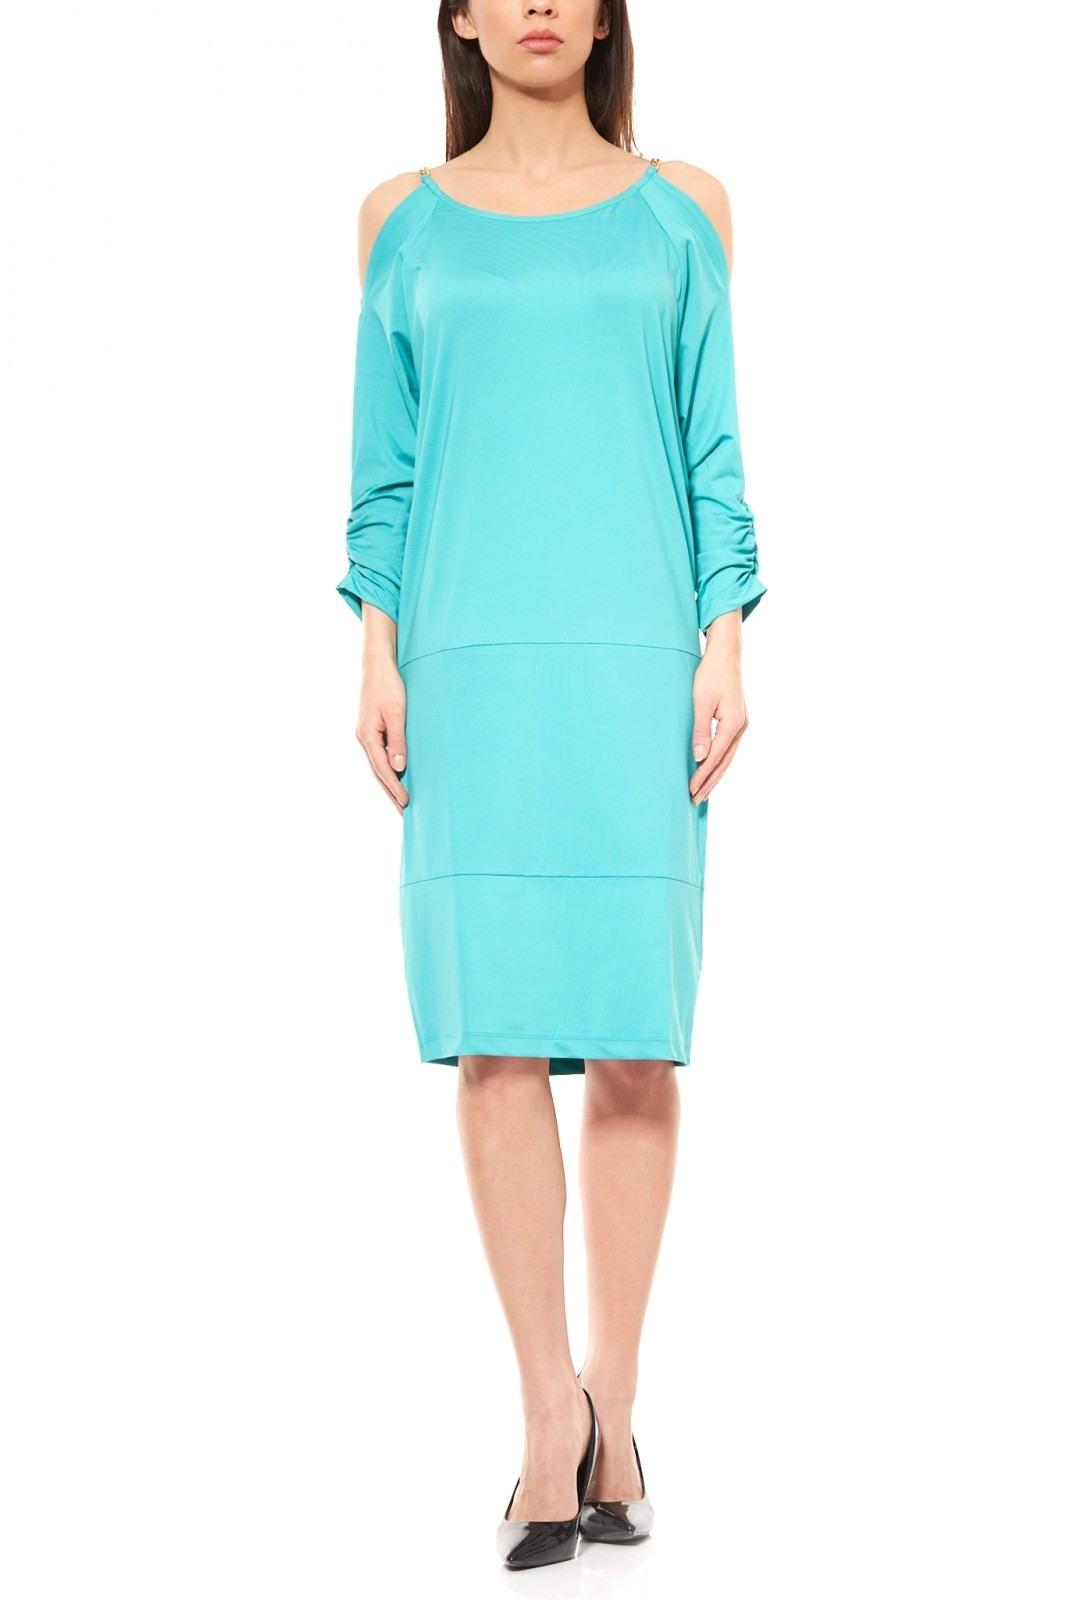 Schön Kleid Hellblau Knielang StylishAbend Luxurius Kleid Hellblau Knielang Design